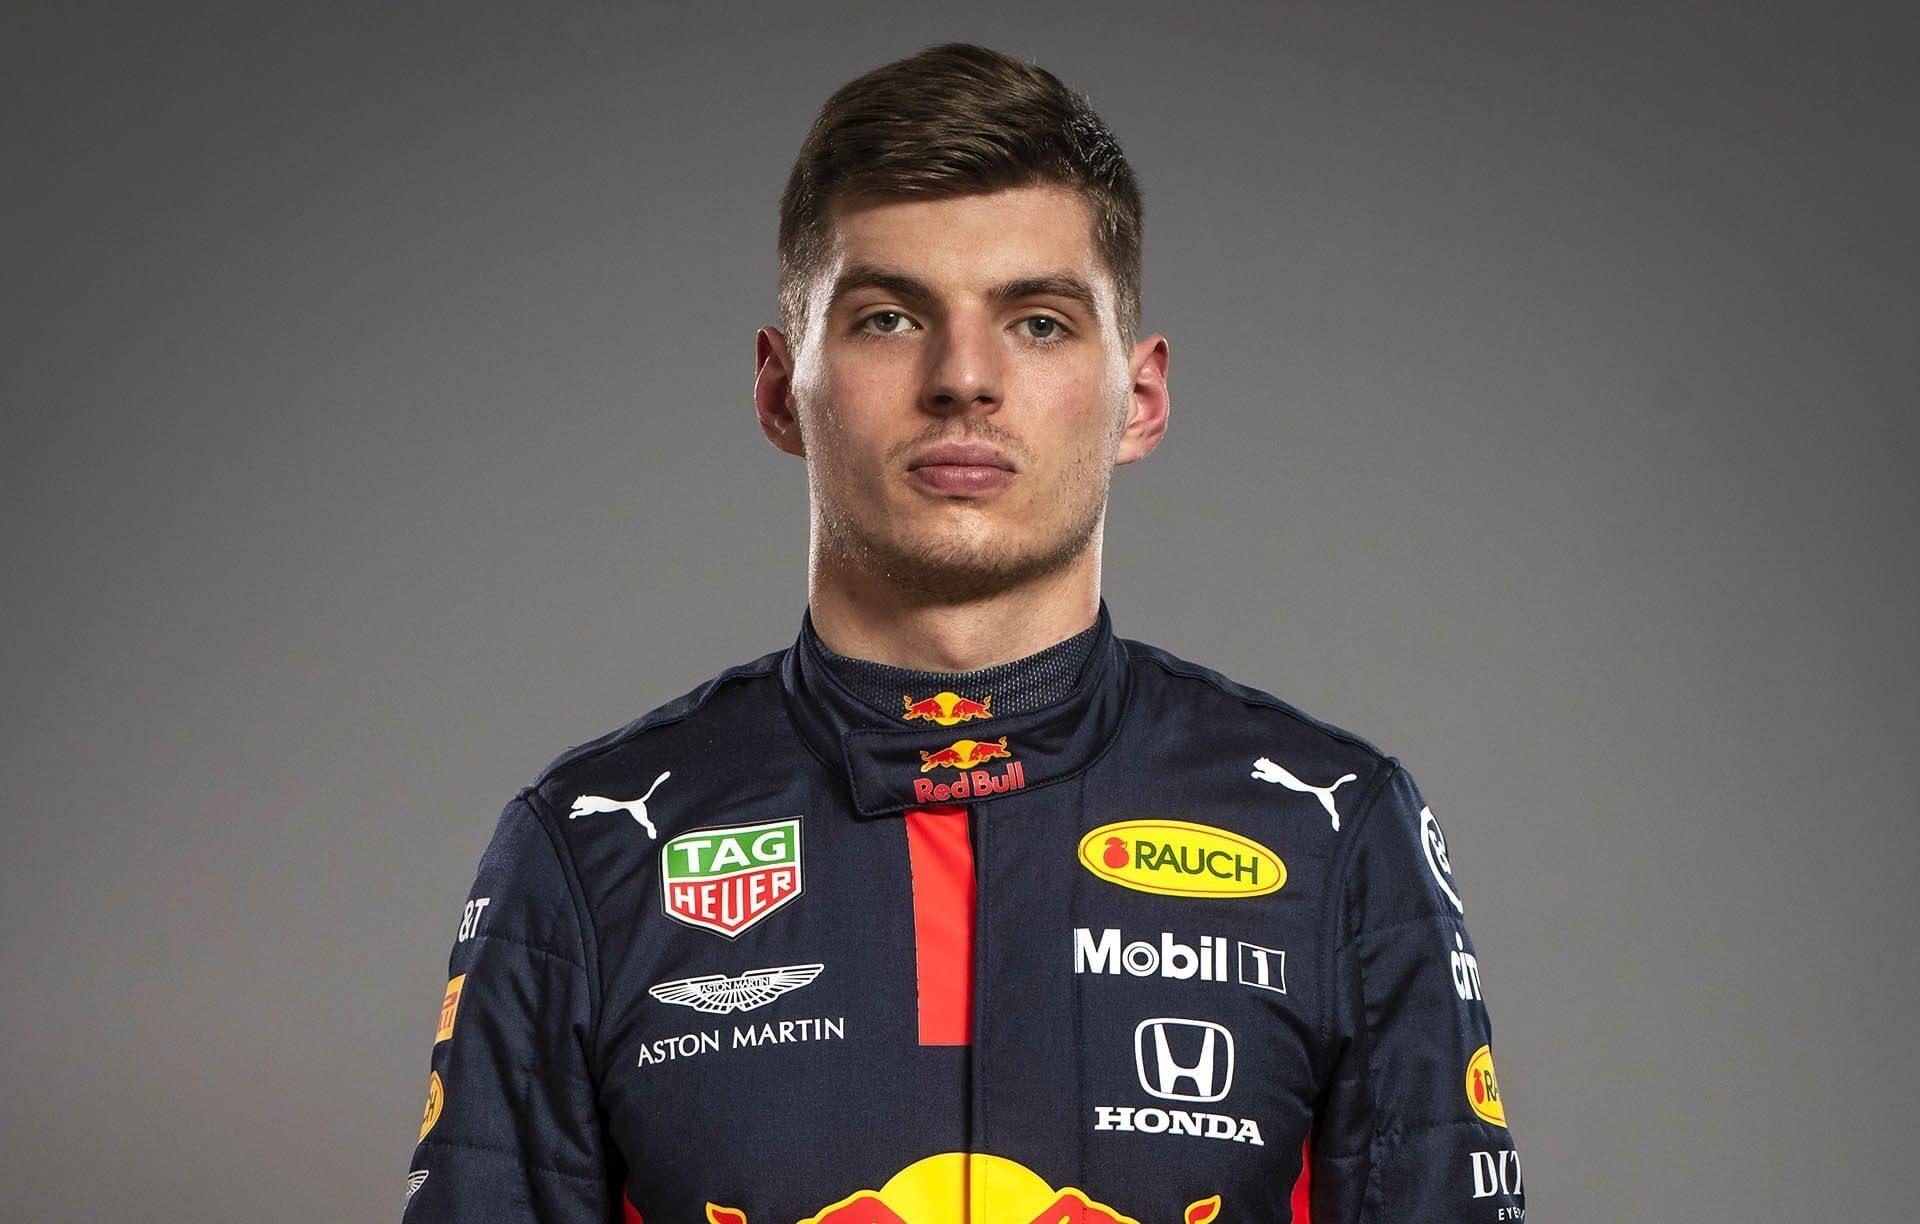 Max Verstappen Top 10 F1 Drivers in 2020